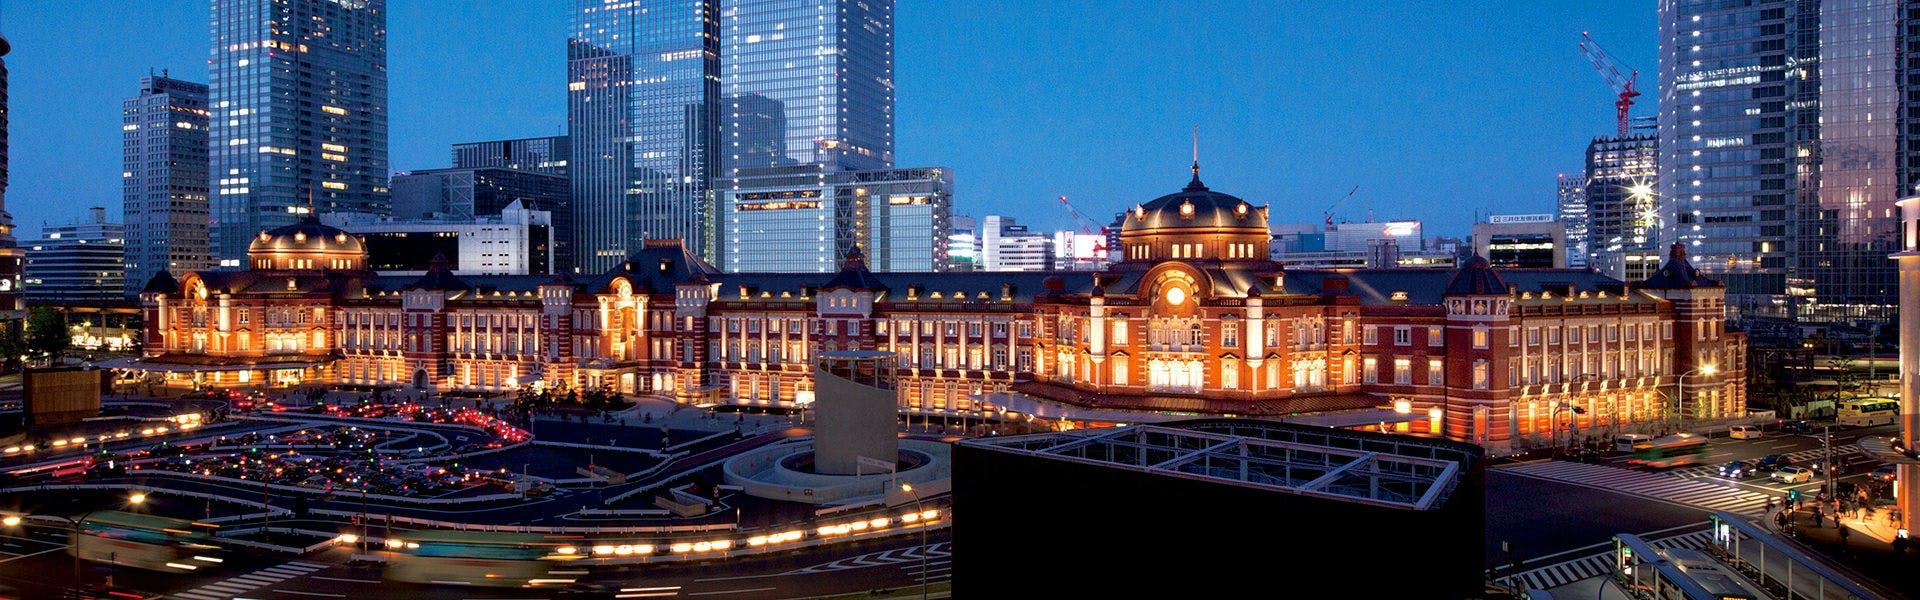 東京 駅 ホテル おすすめ 安い